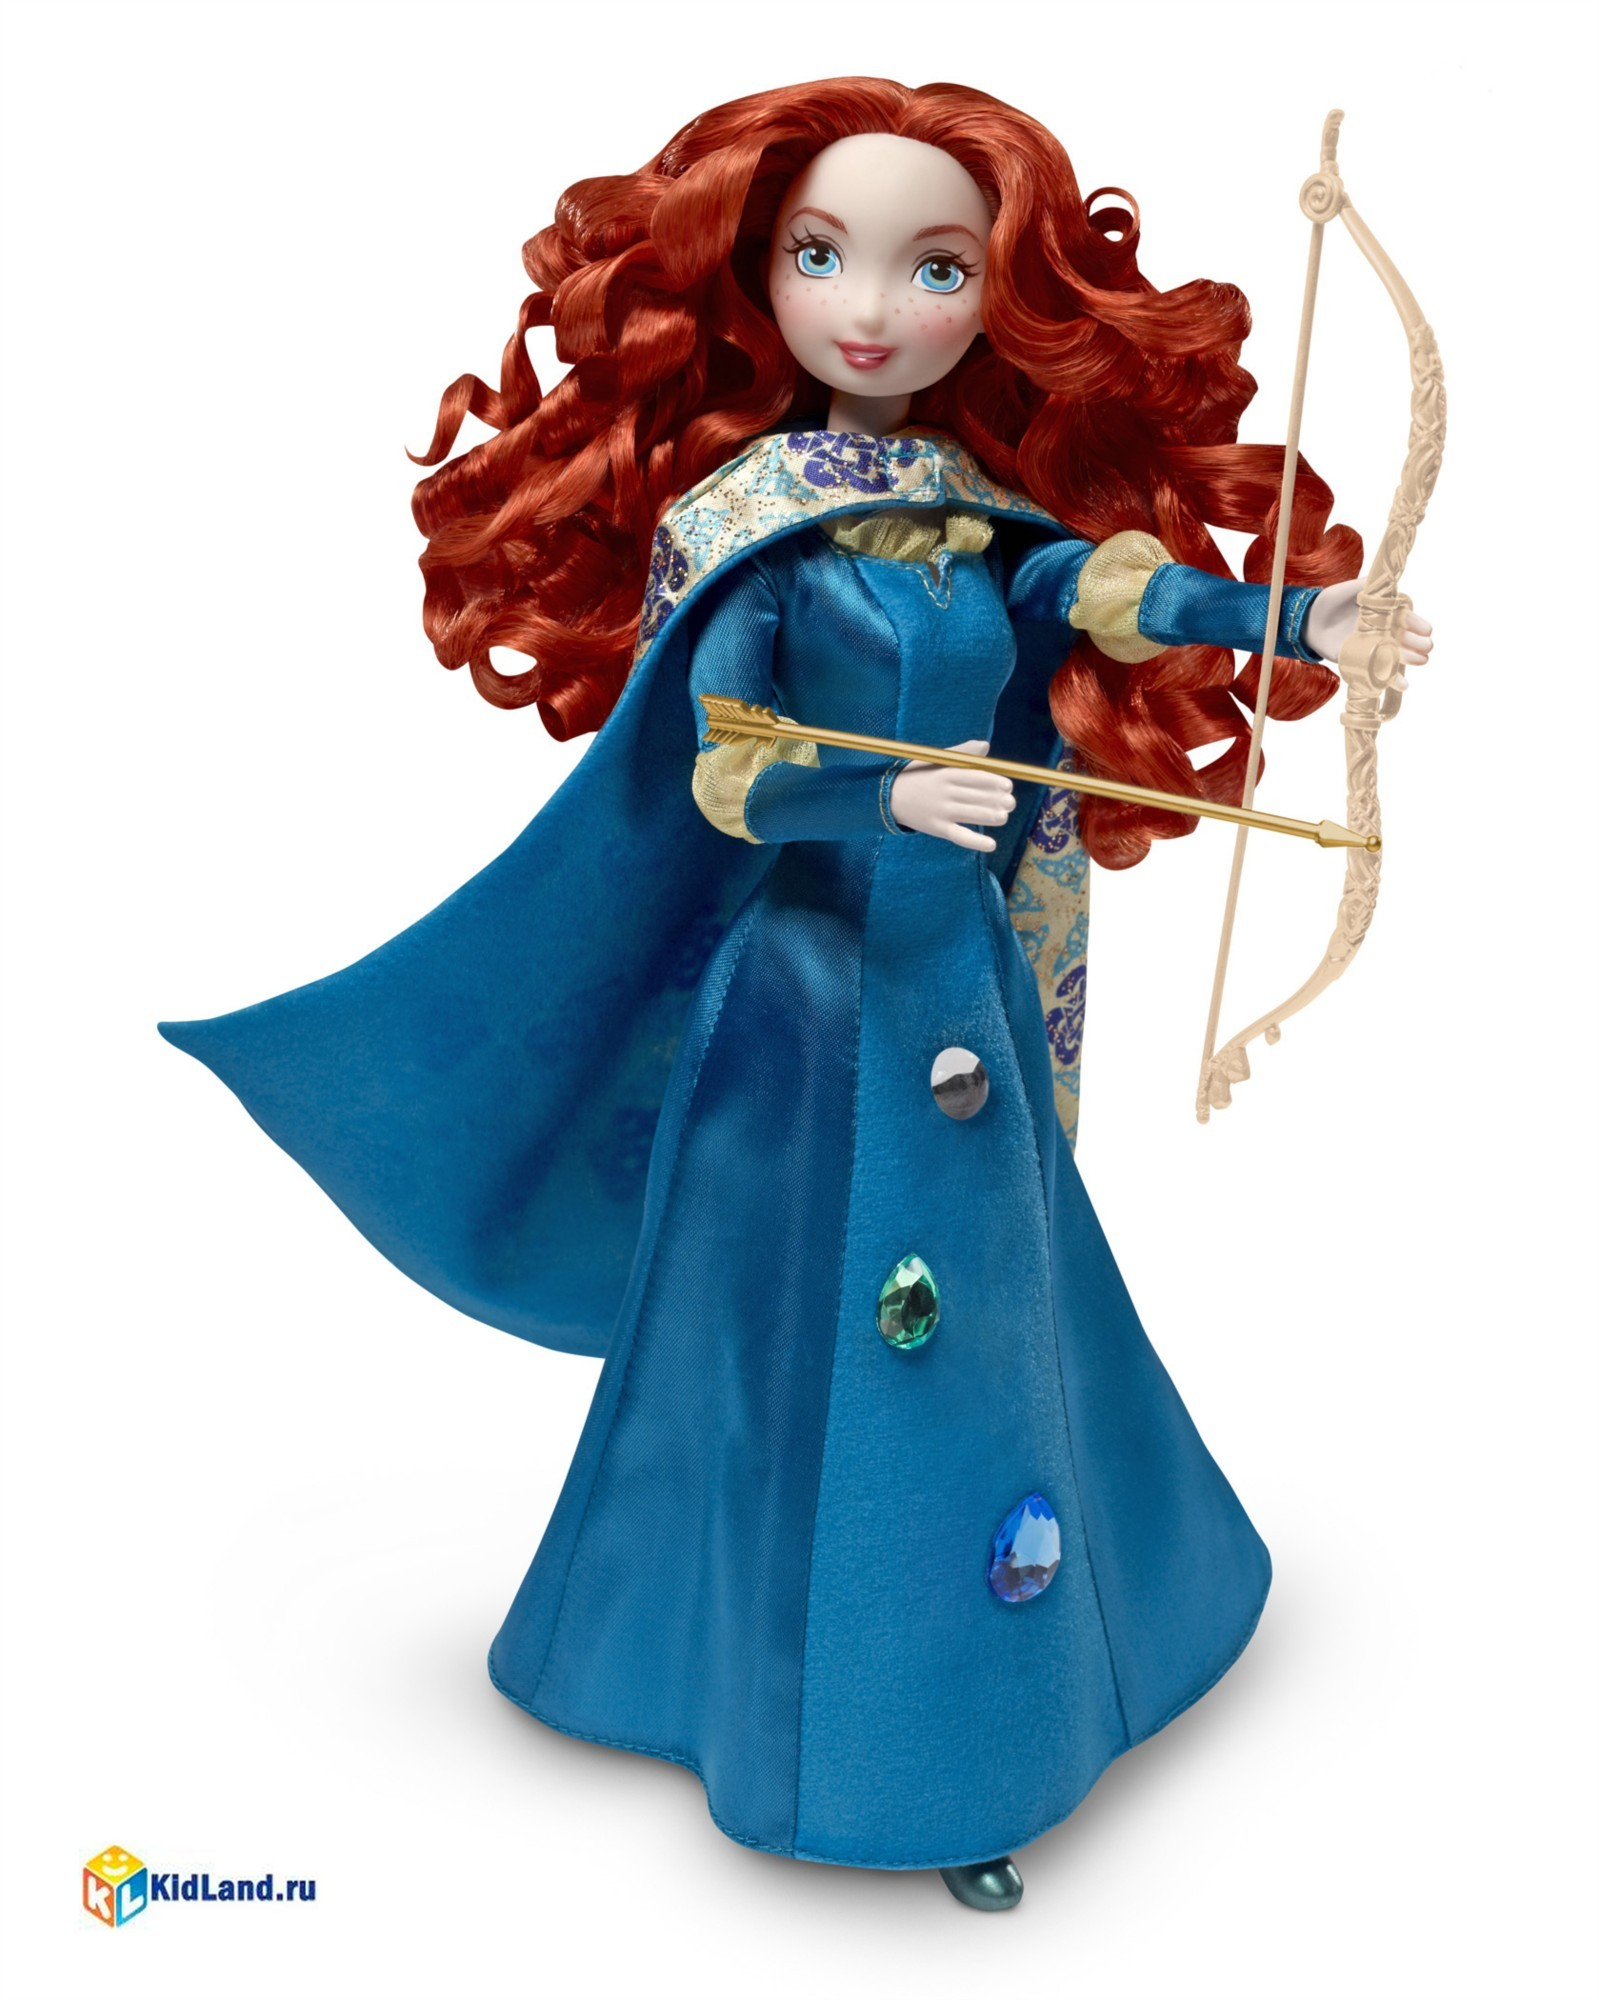 Кукла Disney Princess Мерида с луком